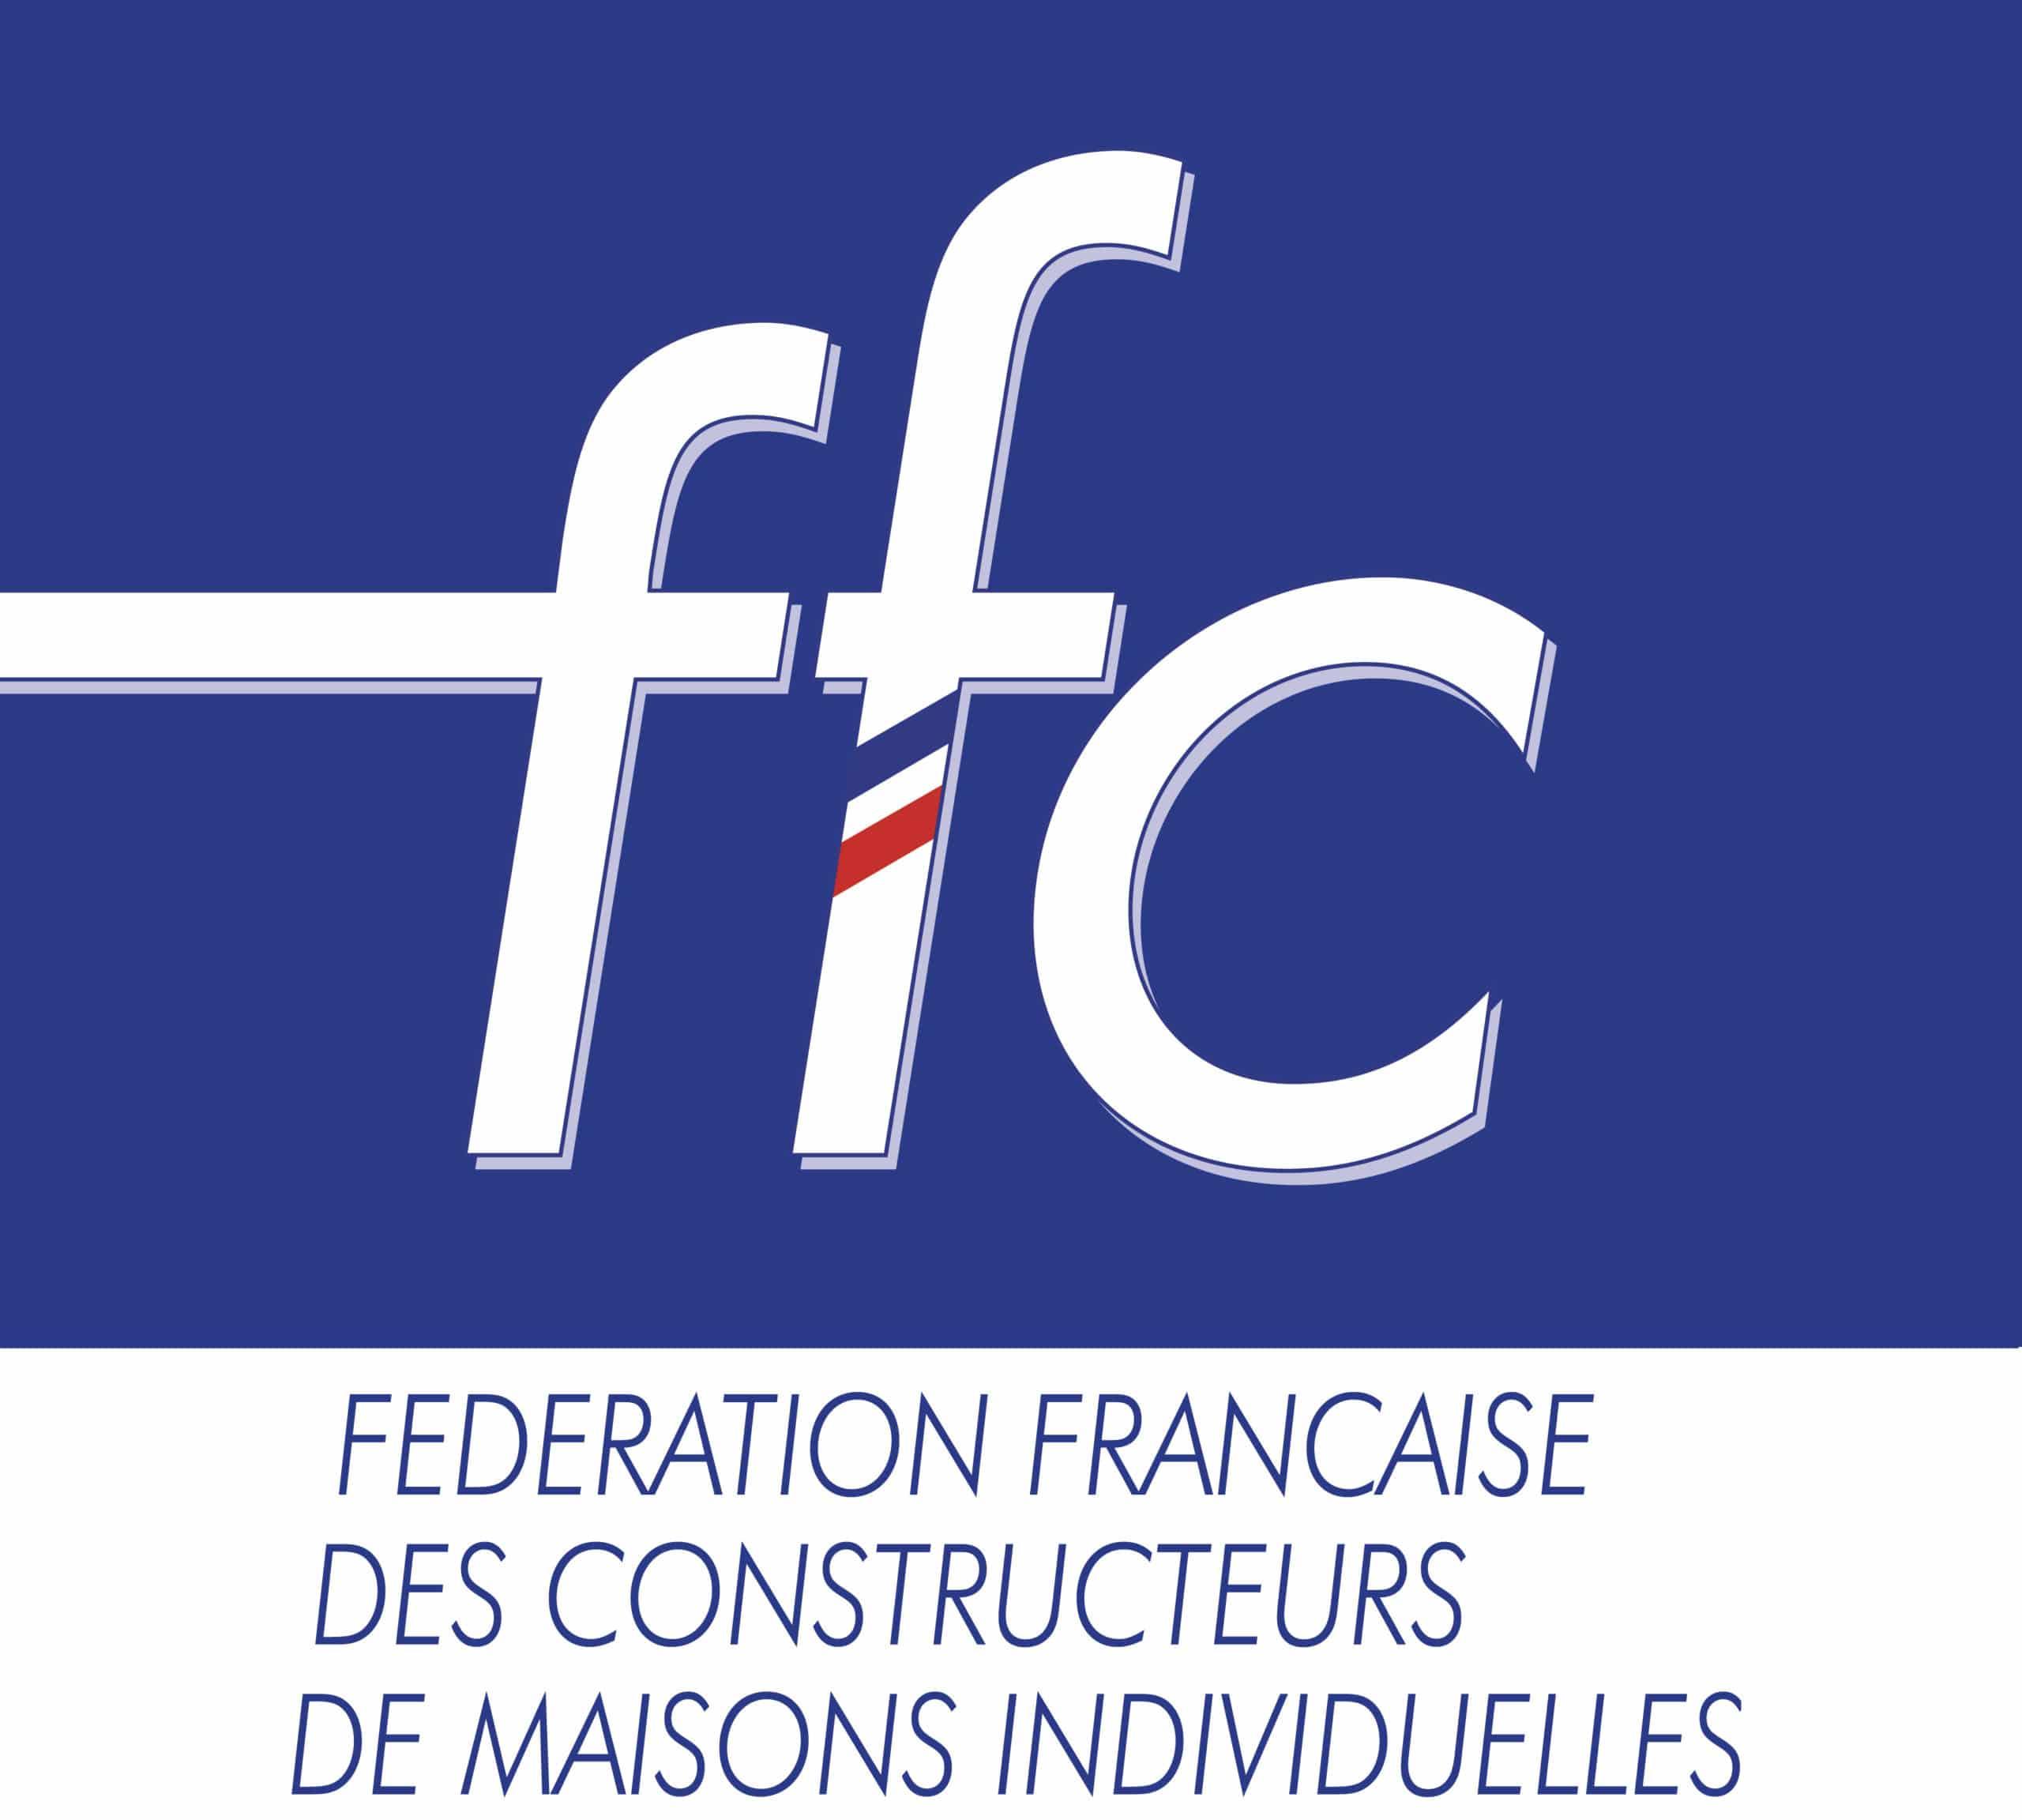 Federation francaise des constructeurs des maisons individuelles